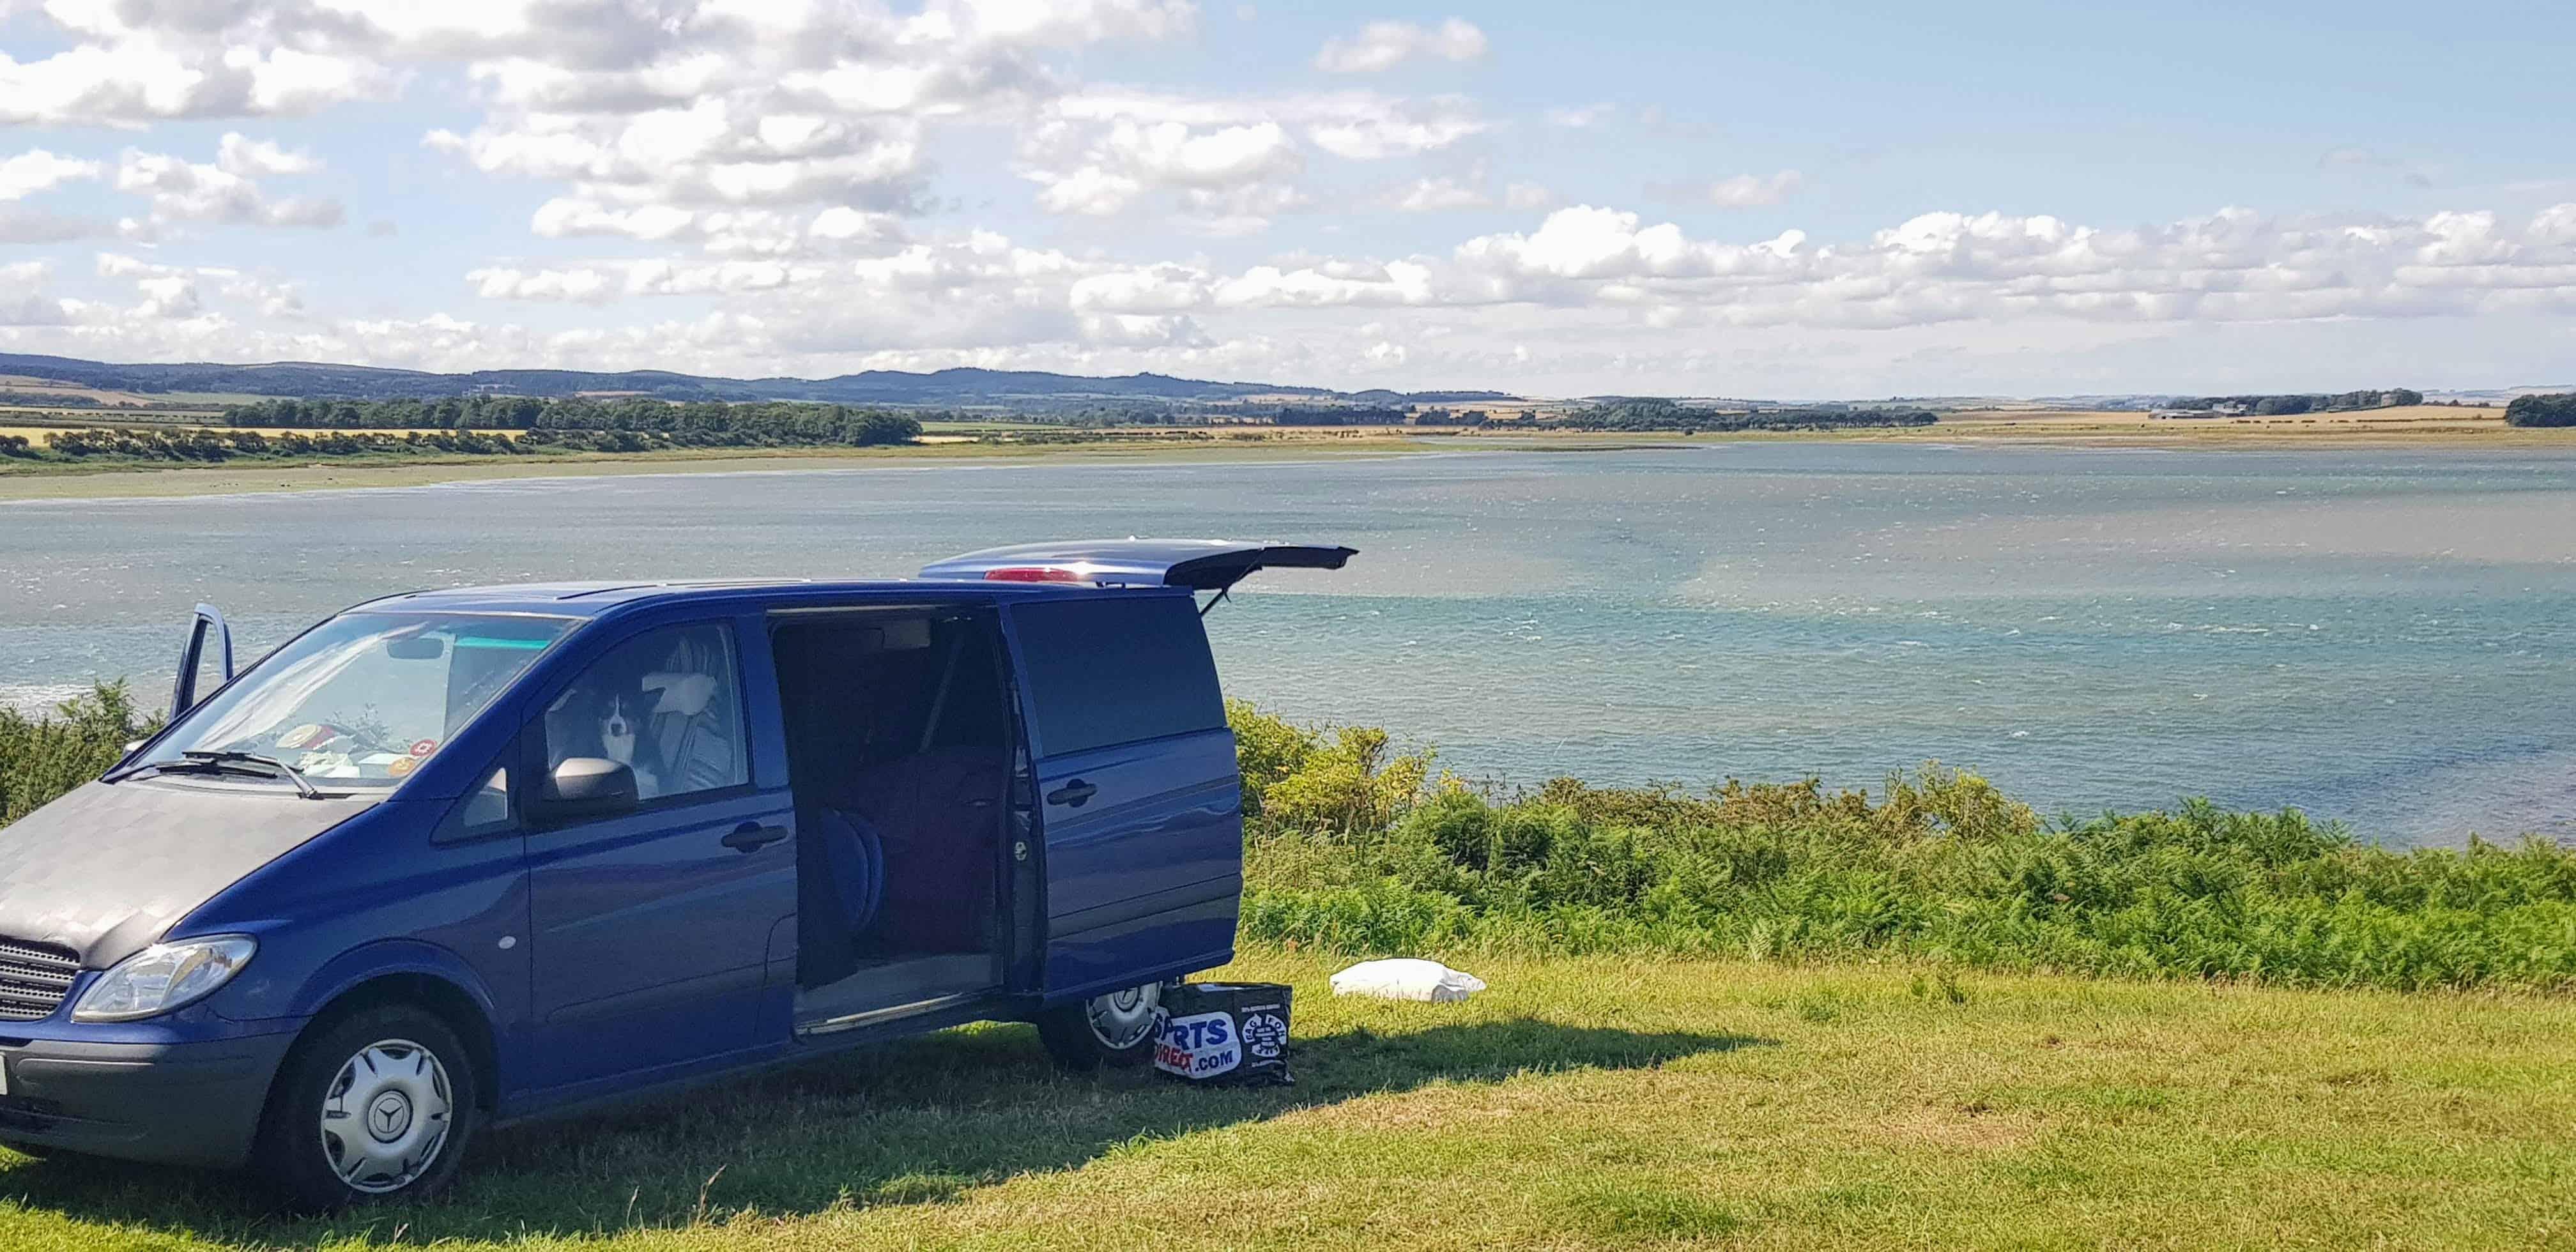 Northumbria, Cumbria & Rutland Camper Van Vlog